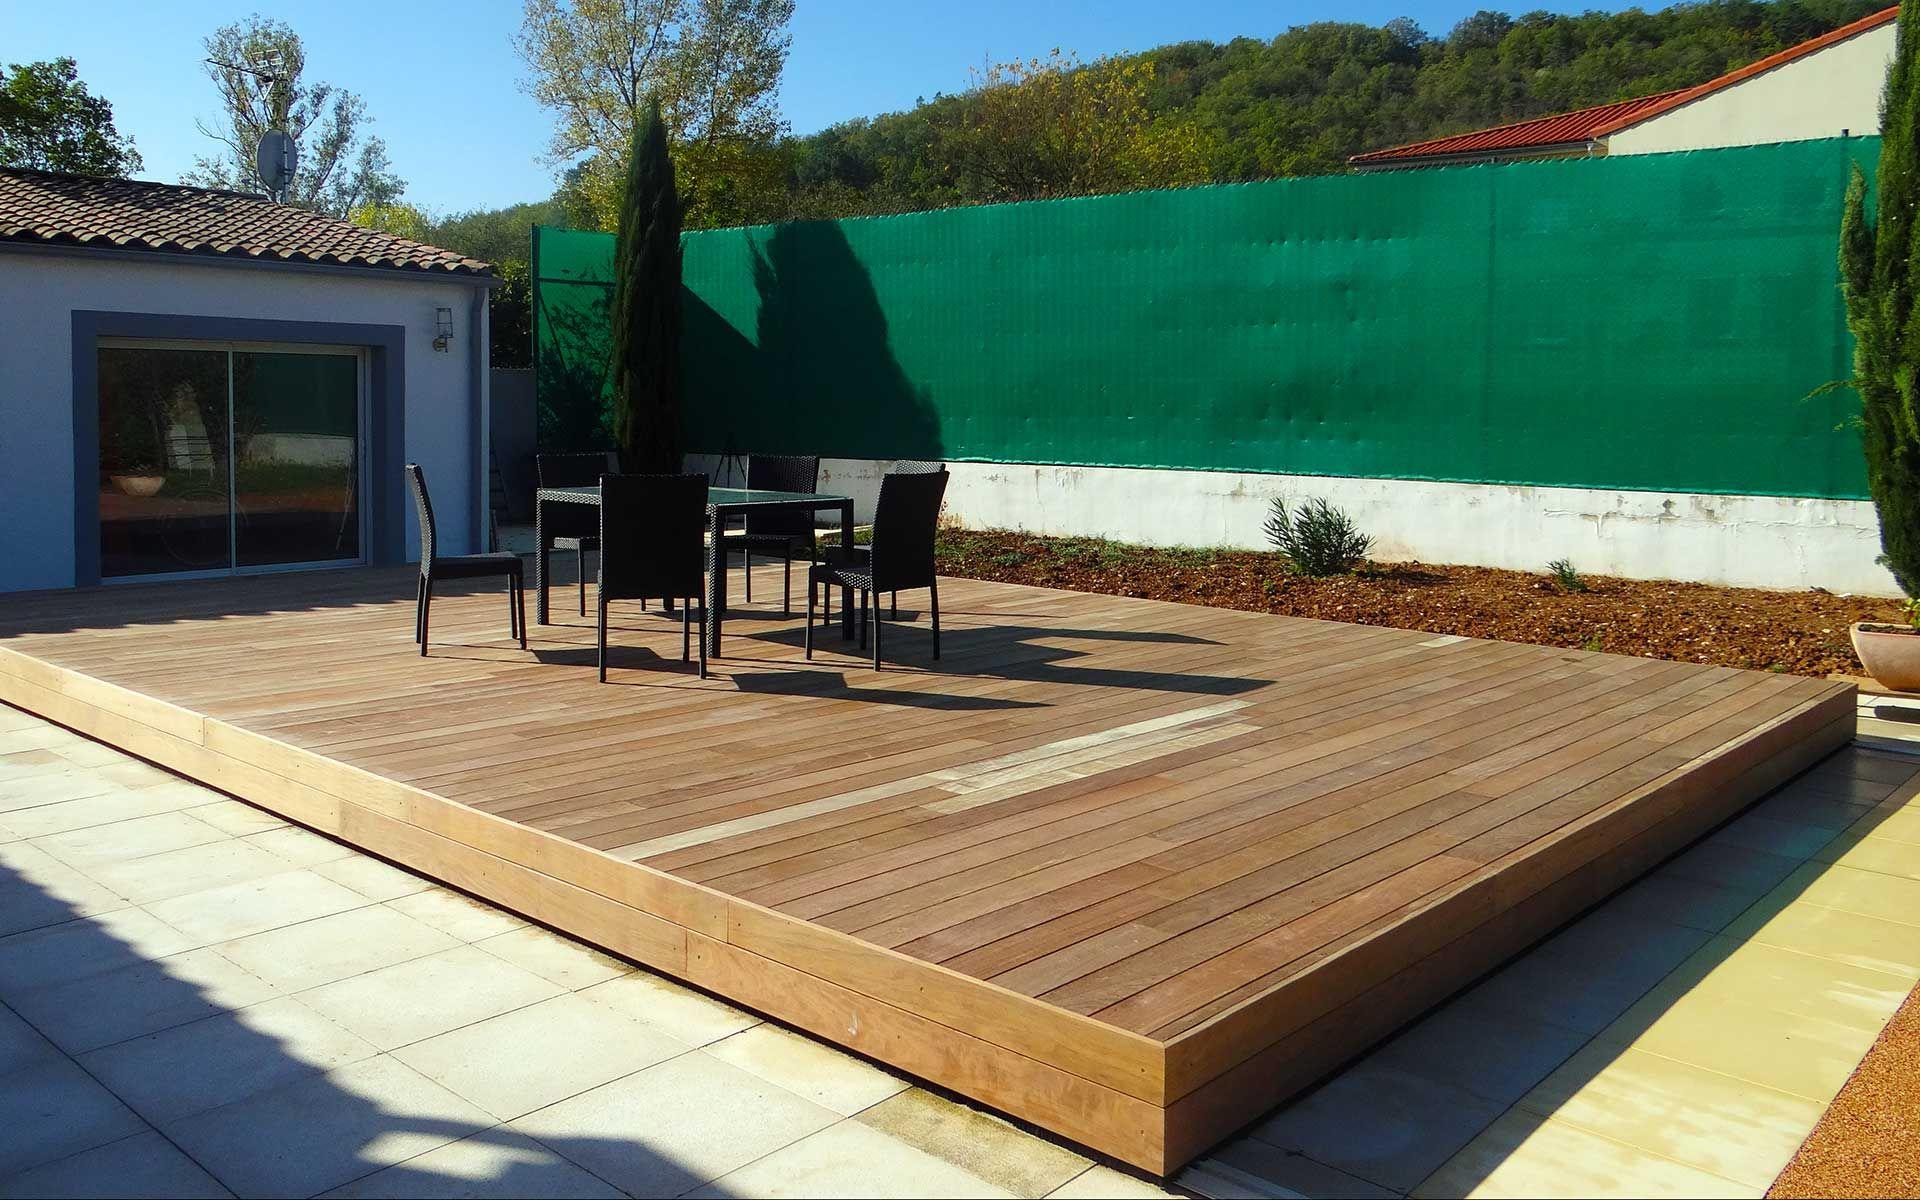 Abri #piscine #terrasse #mobile Terrasse Mobile Pour Piscine ... serapportantà Fabriquer Une Terrasse Mobile Pour Piscine